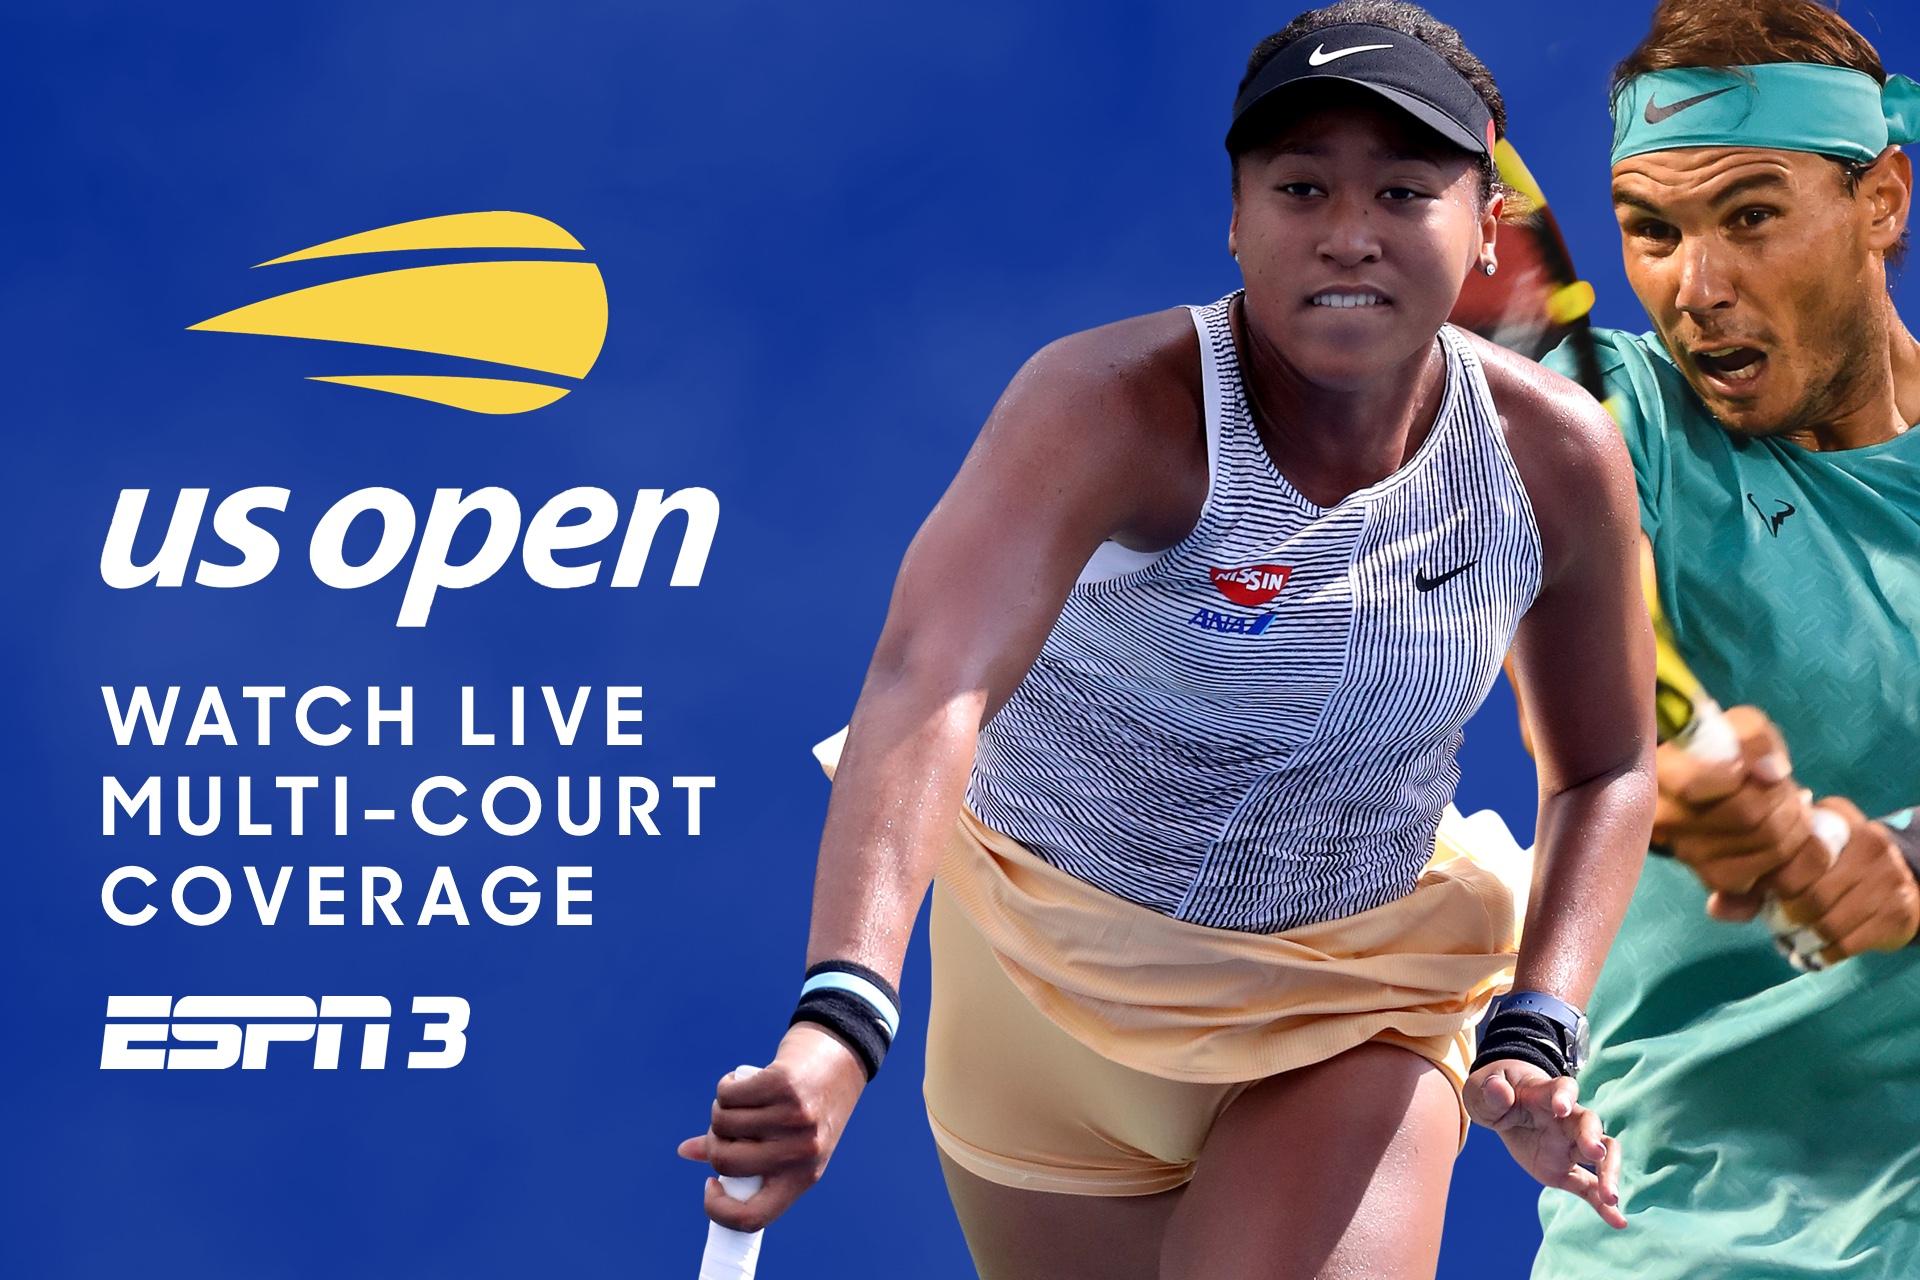 U.S_Open_Osaka_Nadal_Live.jpg